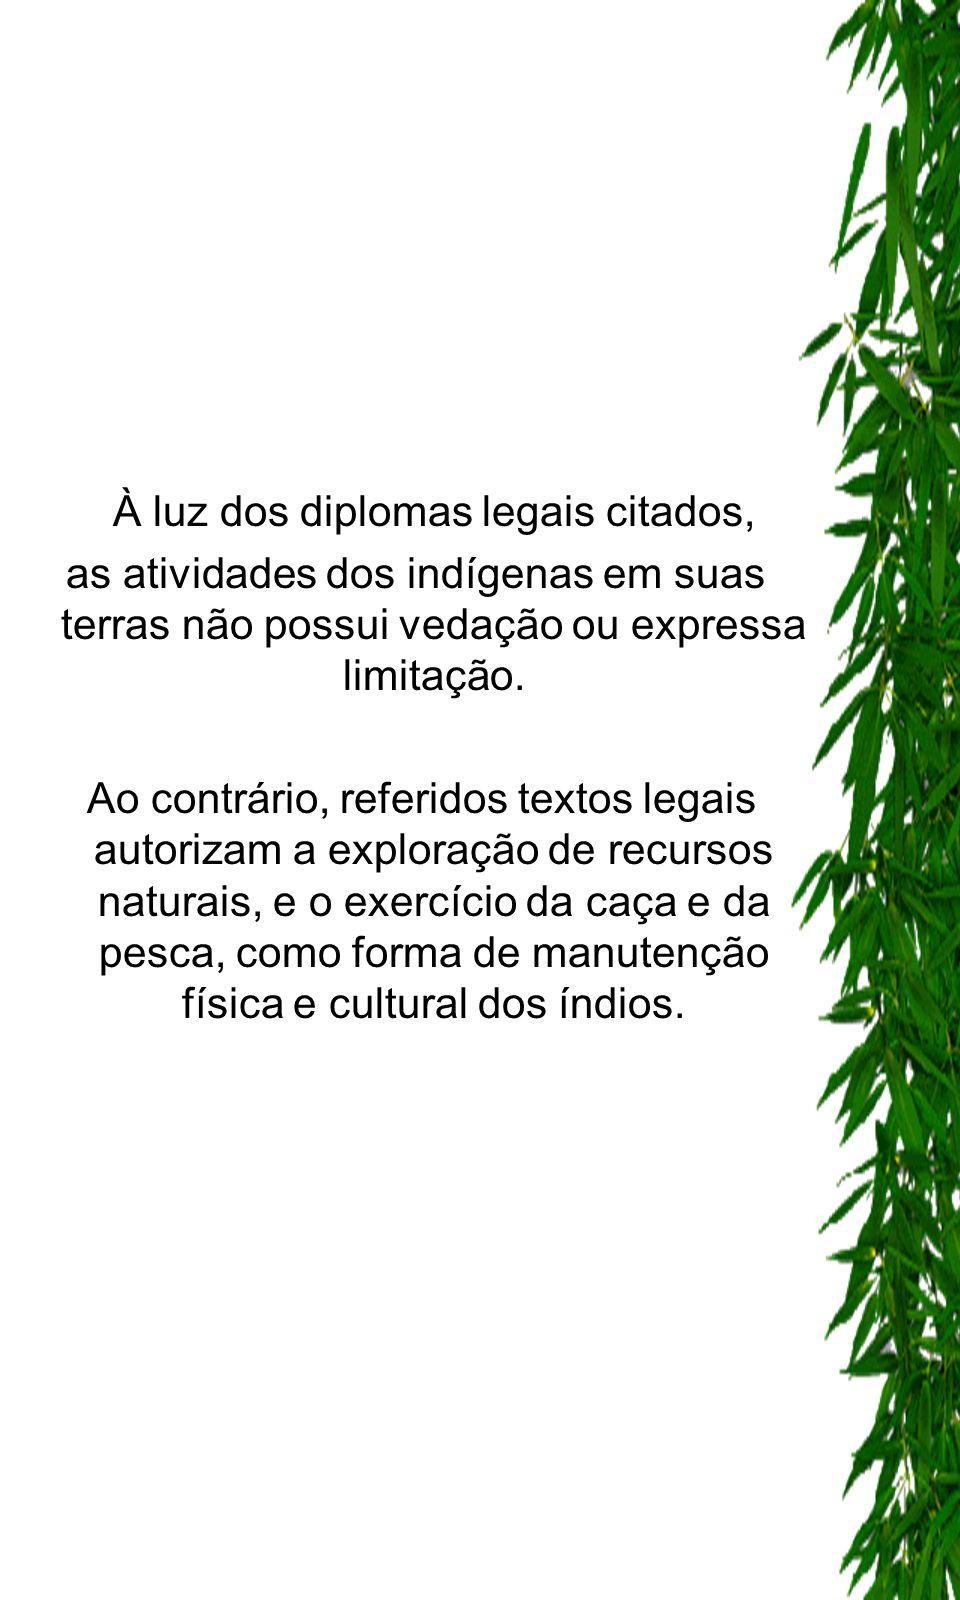 À luz dos diplomas legais citados, as atividades dos indígenas em suas terras não possui vedação ou expressa limitação. Ao contrário, referidos textos